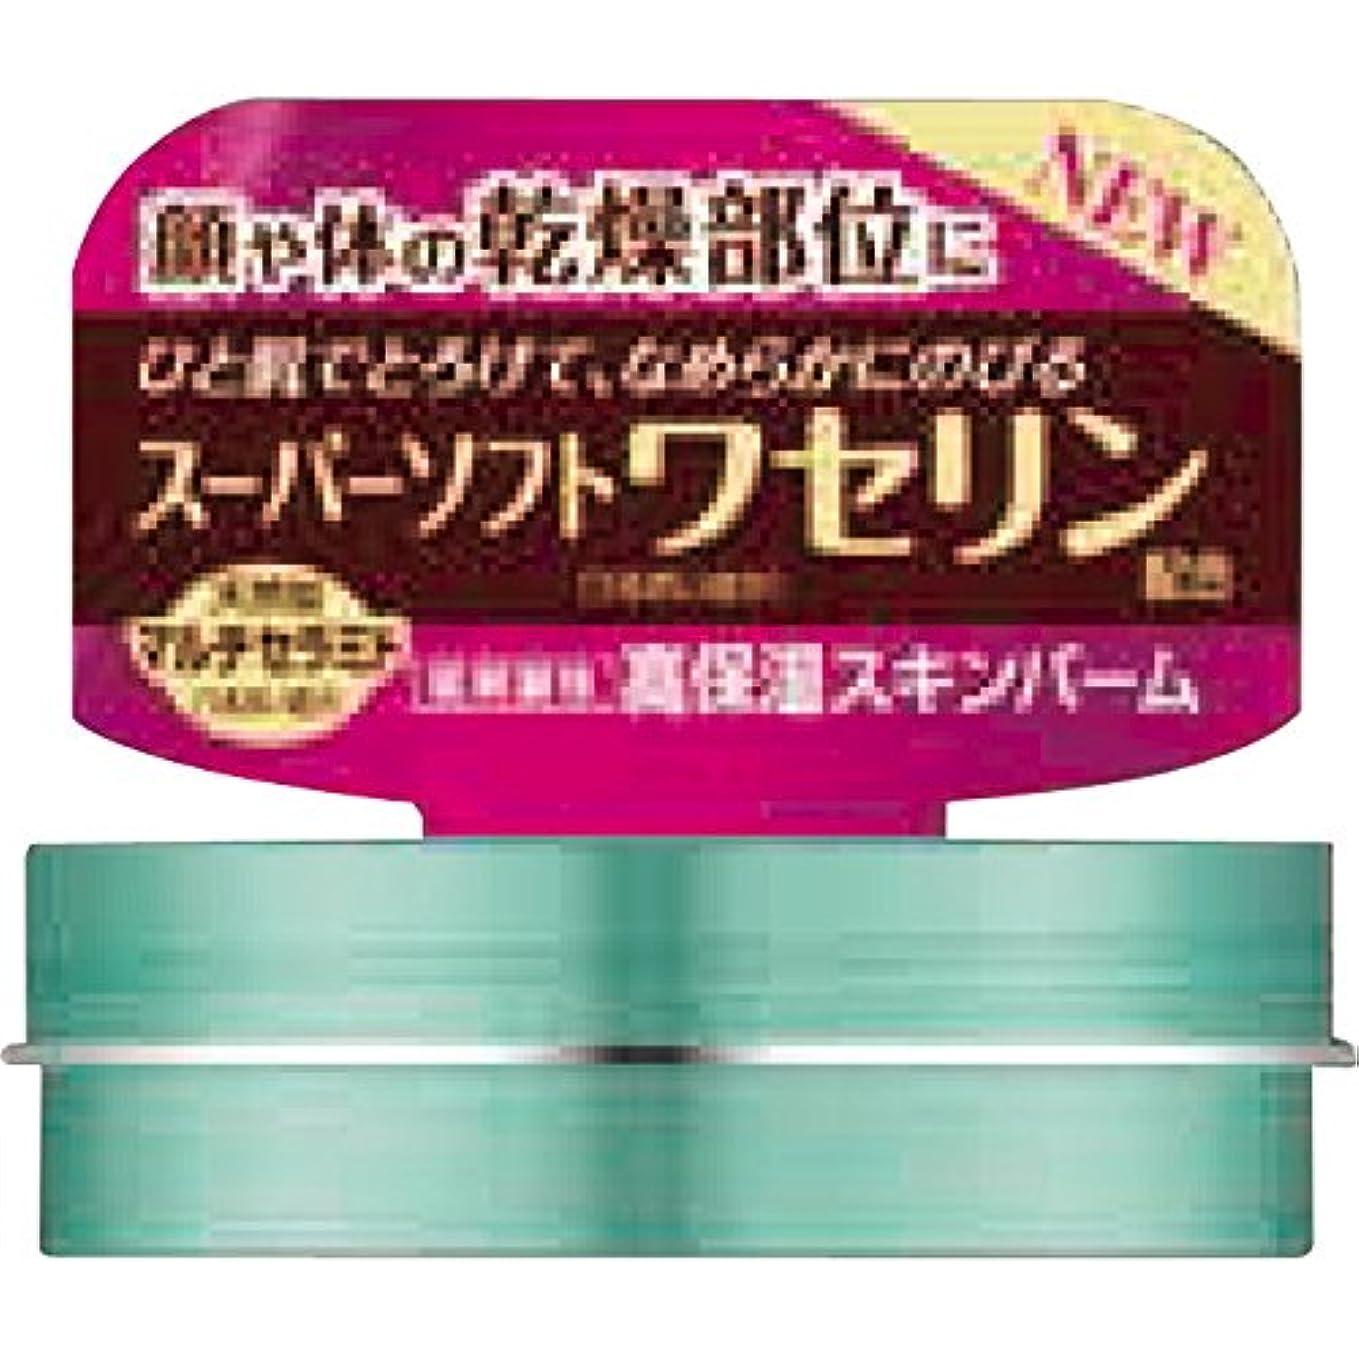 降臨割り込み評判ロート製薬 ケアセラ 天然型セラミド7種配合 高保湿スキンバーム ピュアフローラルの香り 40g